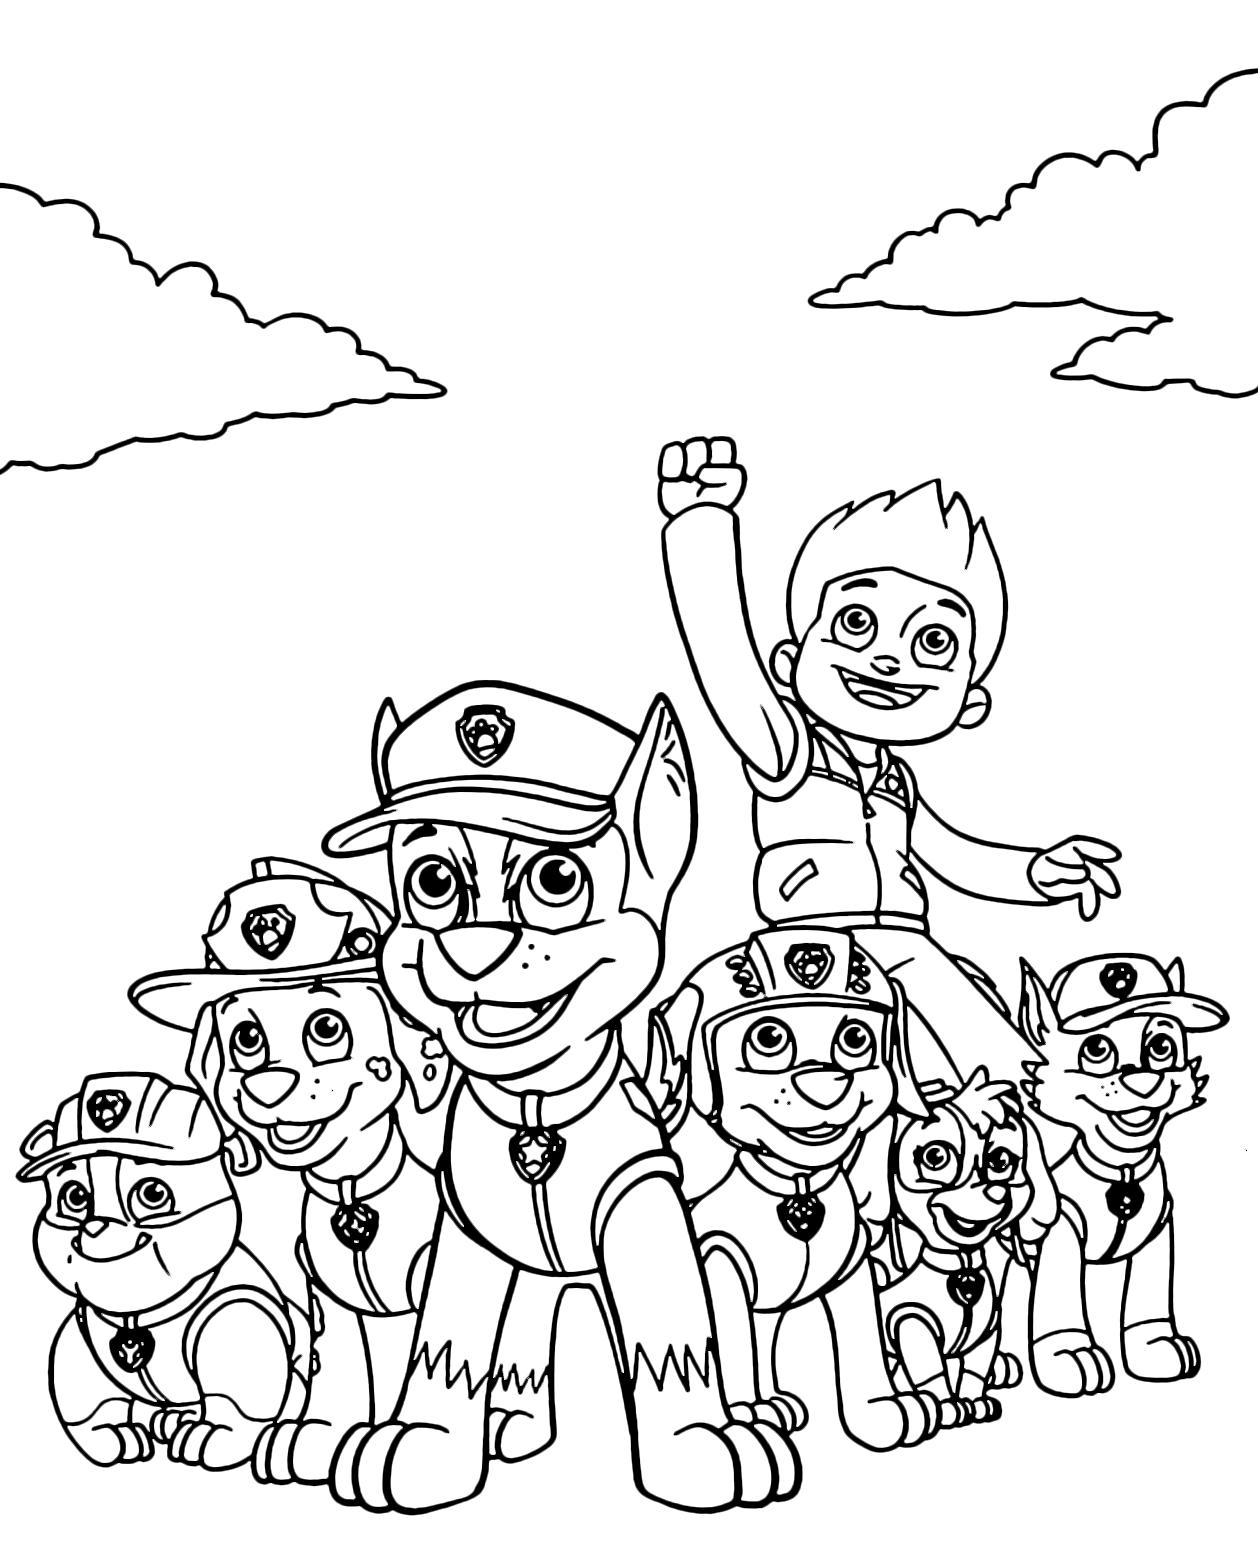 Paw patrol tutta la squadra dei paw patrol al completo for Disegni da colorare paw patrol